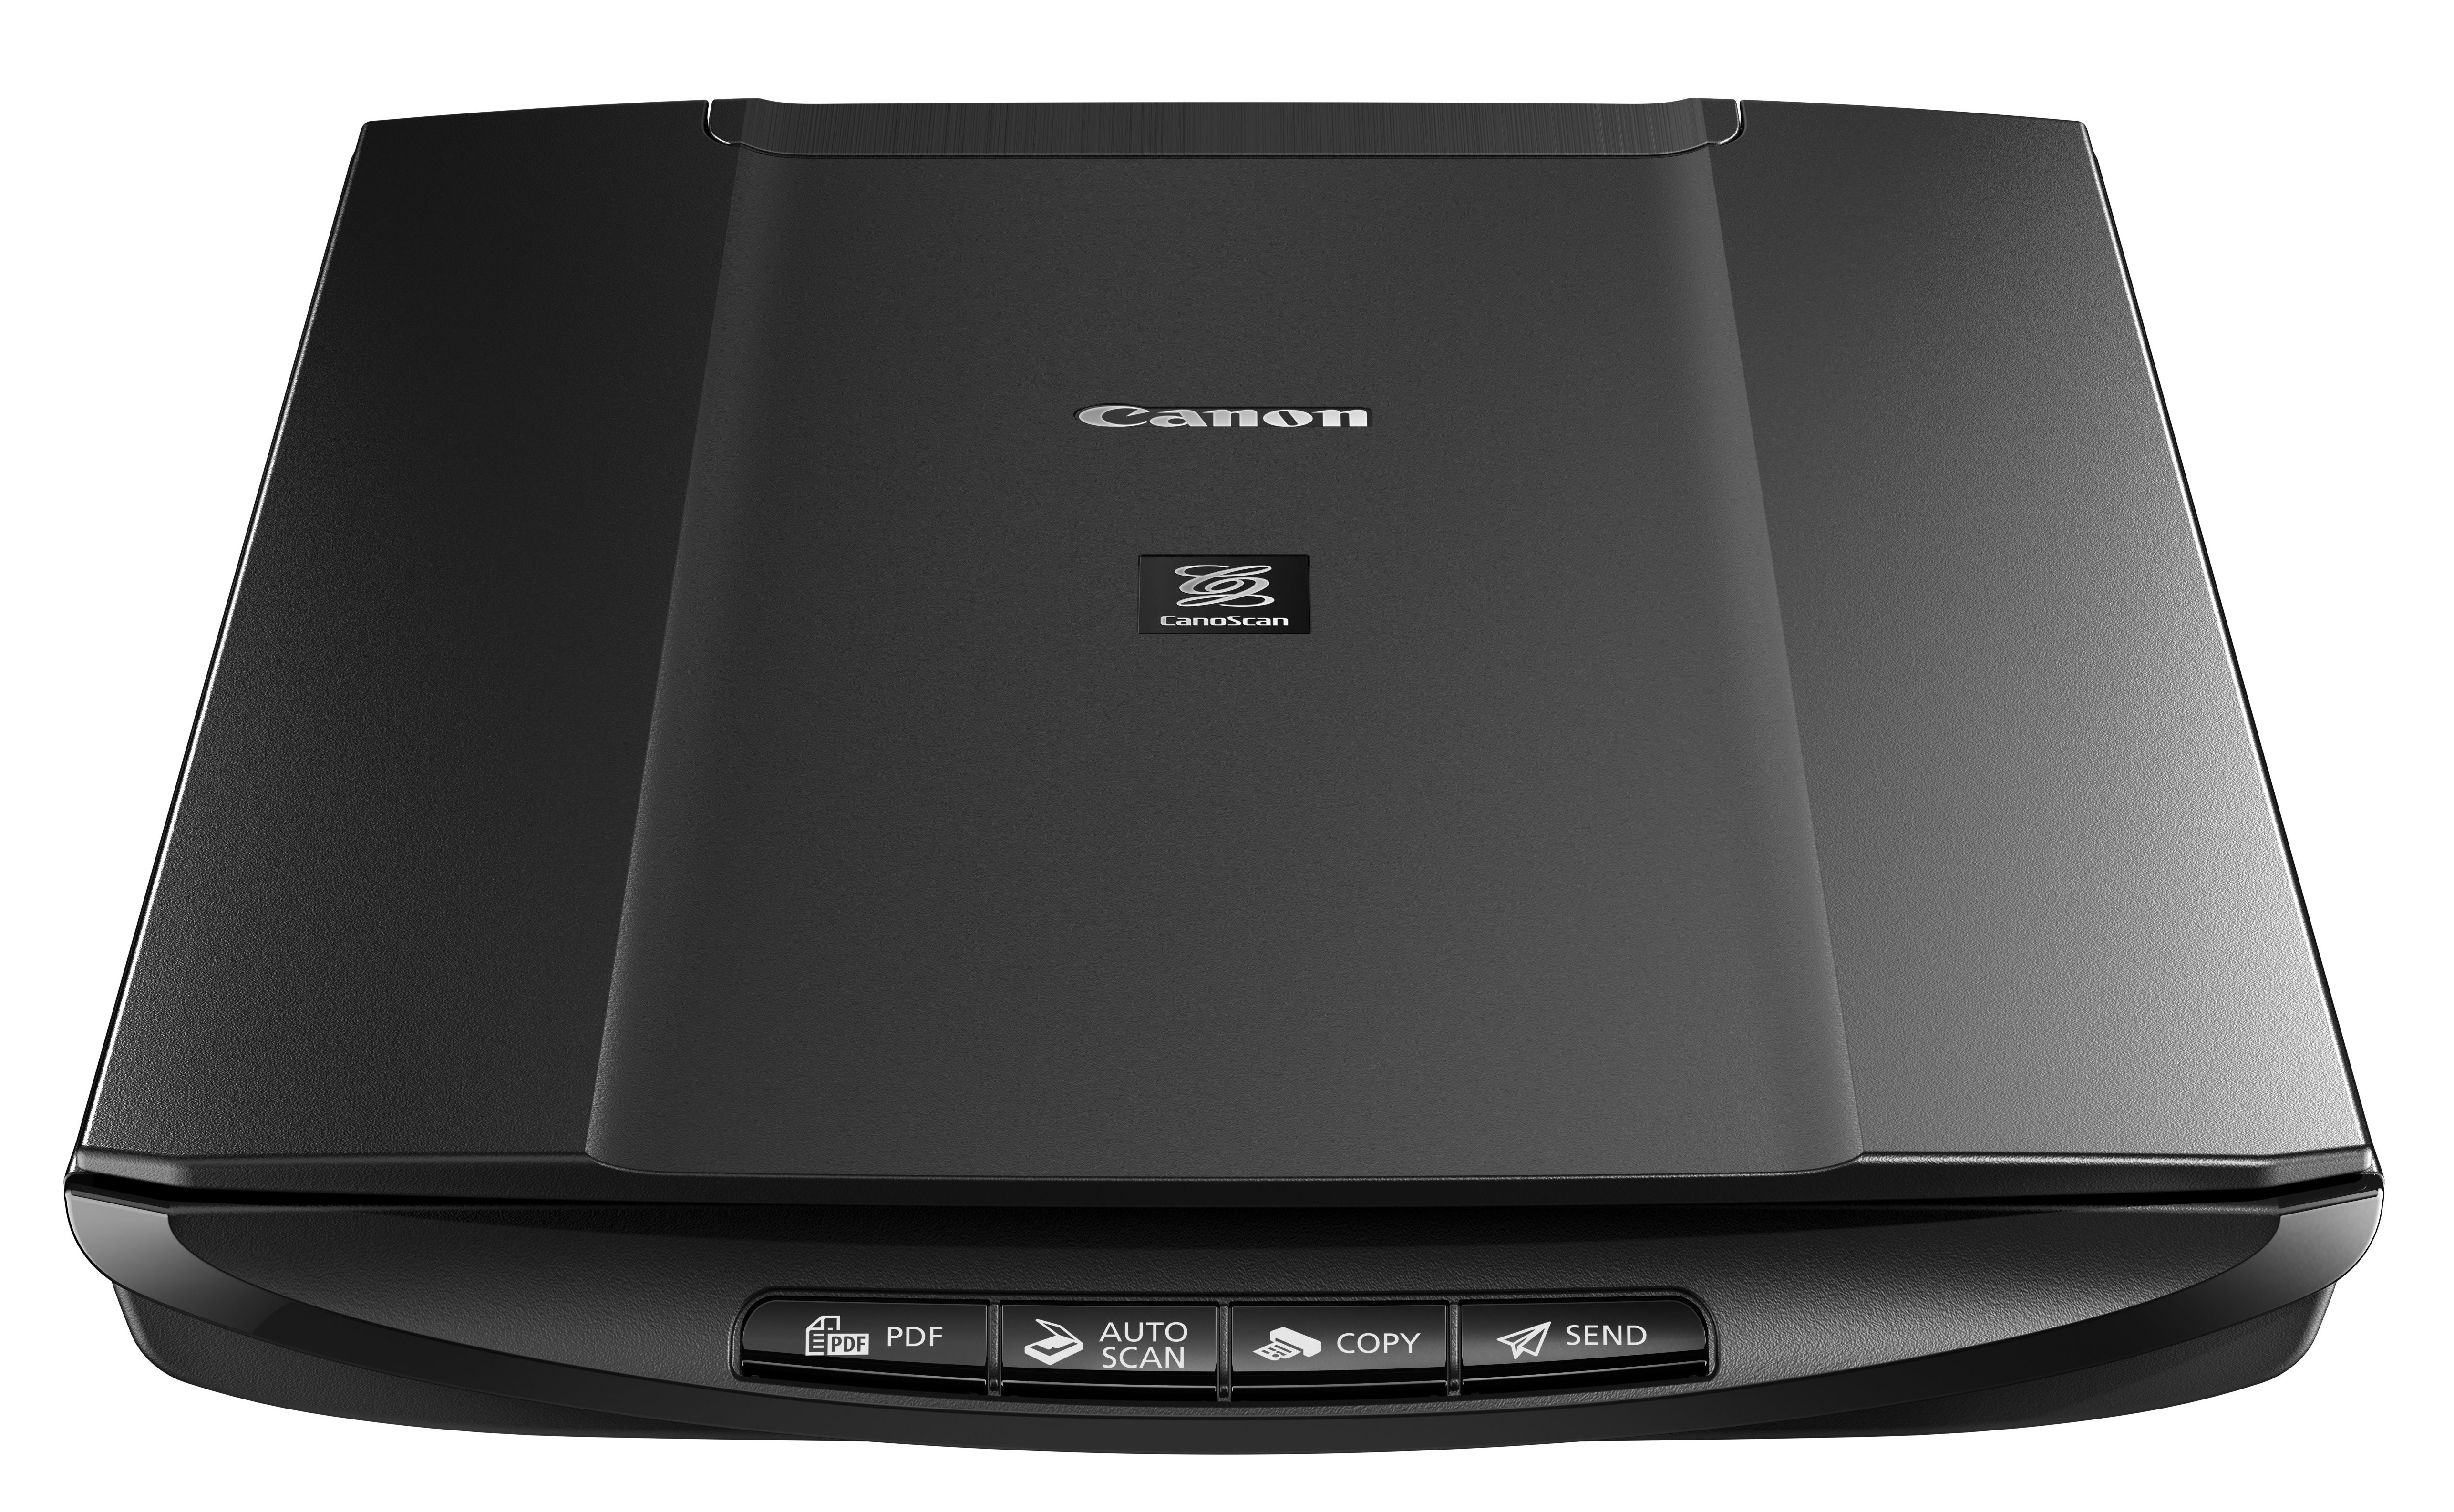 Electronicshop24 Notebooks Computer Tvs Und Vieles Mehr Zu Top Barcode Scanner Datalogic Qw2100 Linear Imager Quickscan Lite Canon Canoscan Lide120 Flachbettscanne